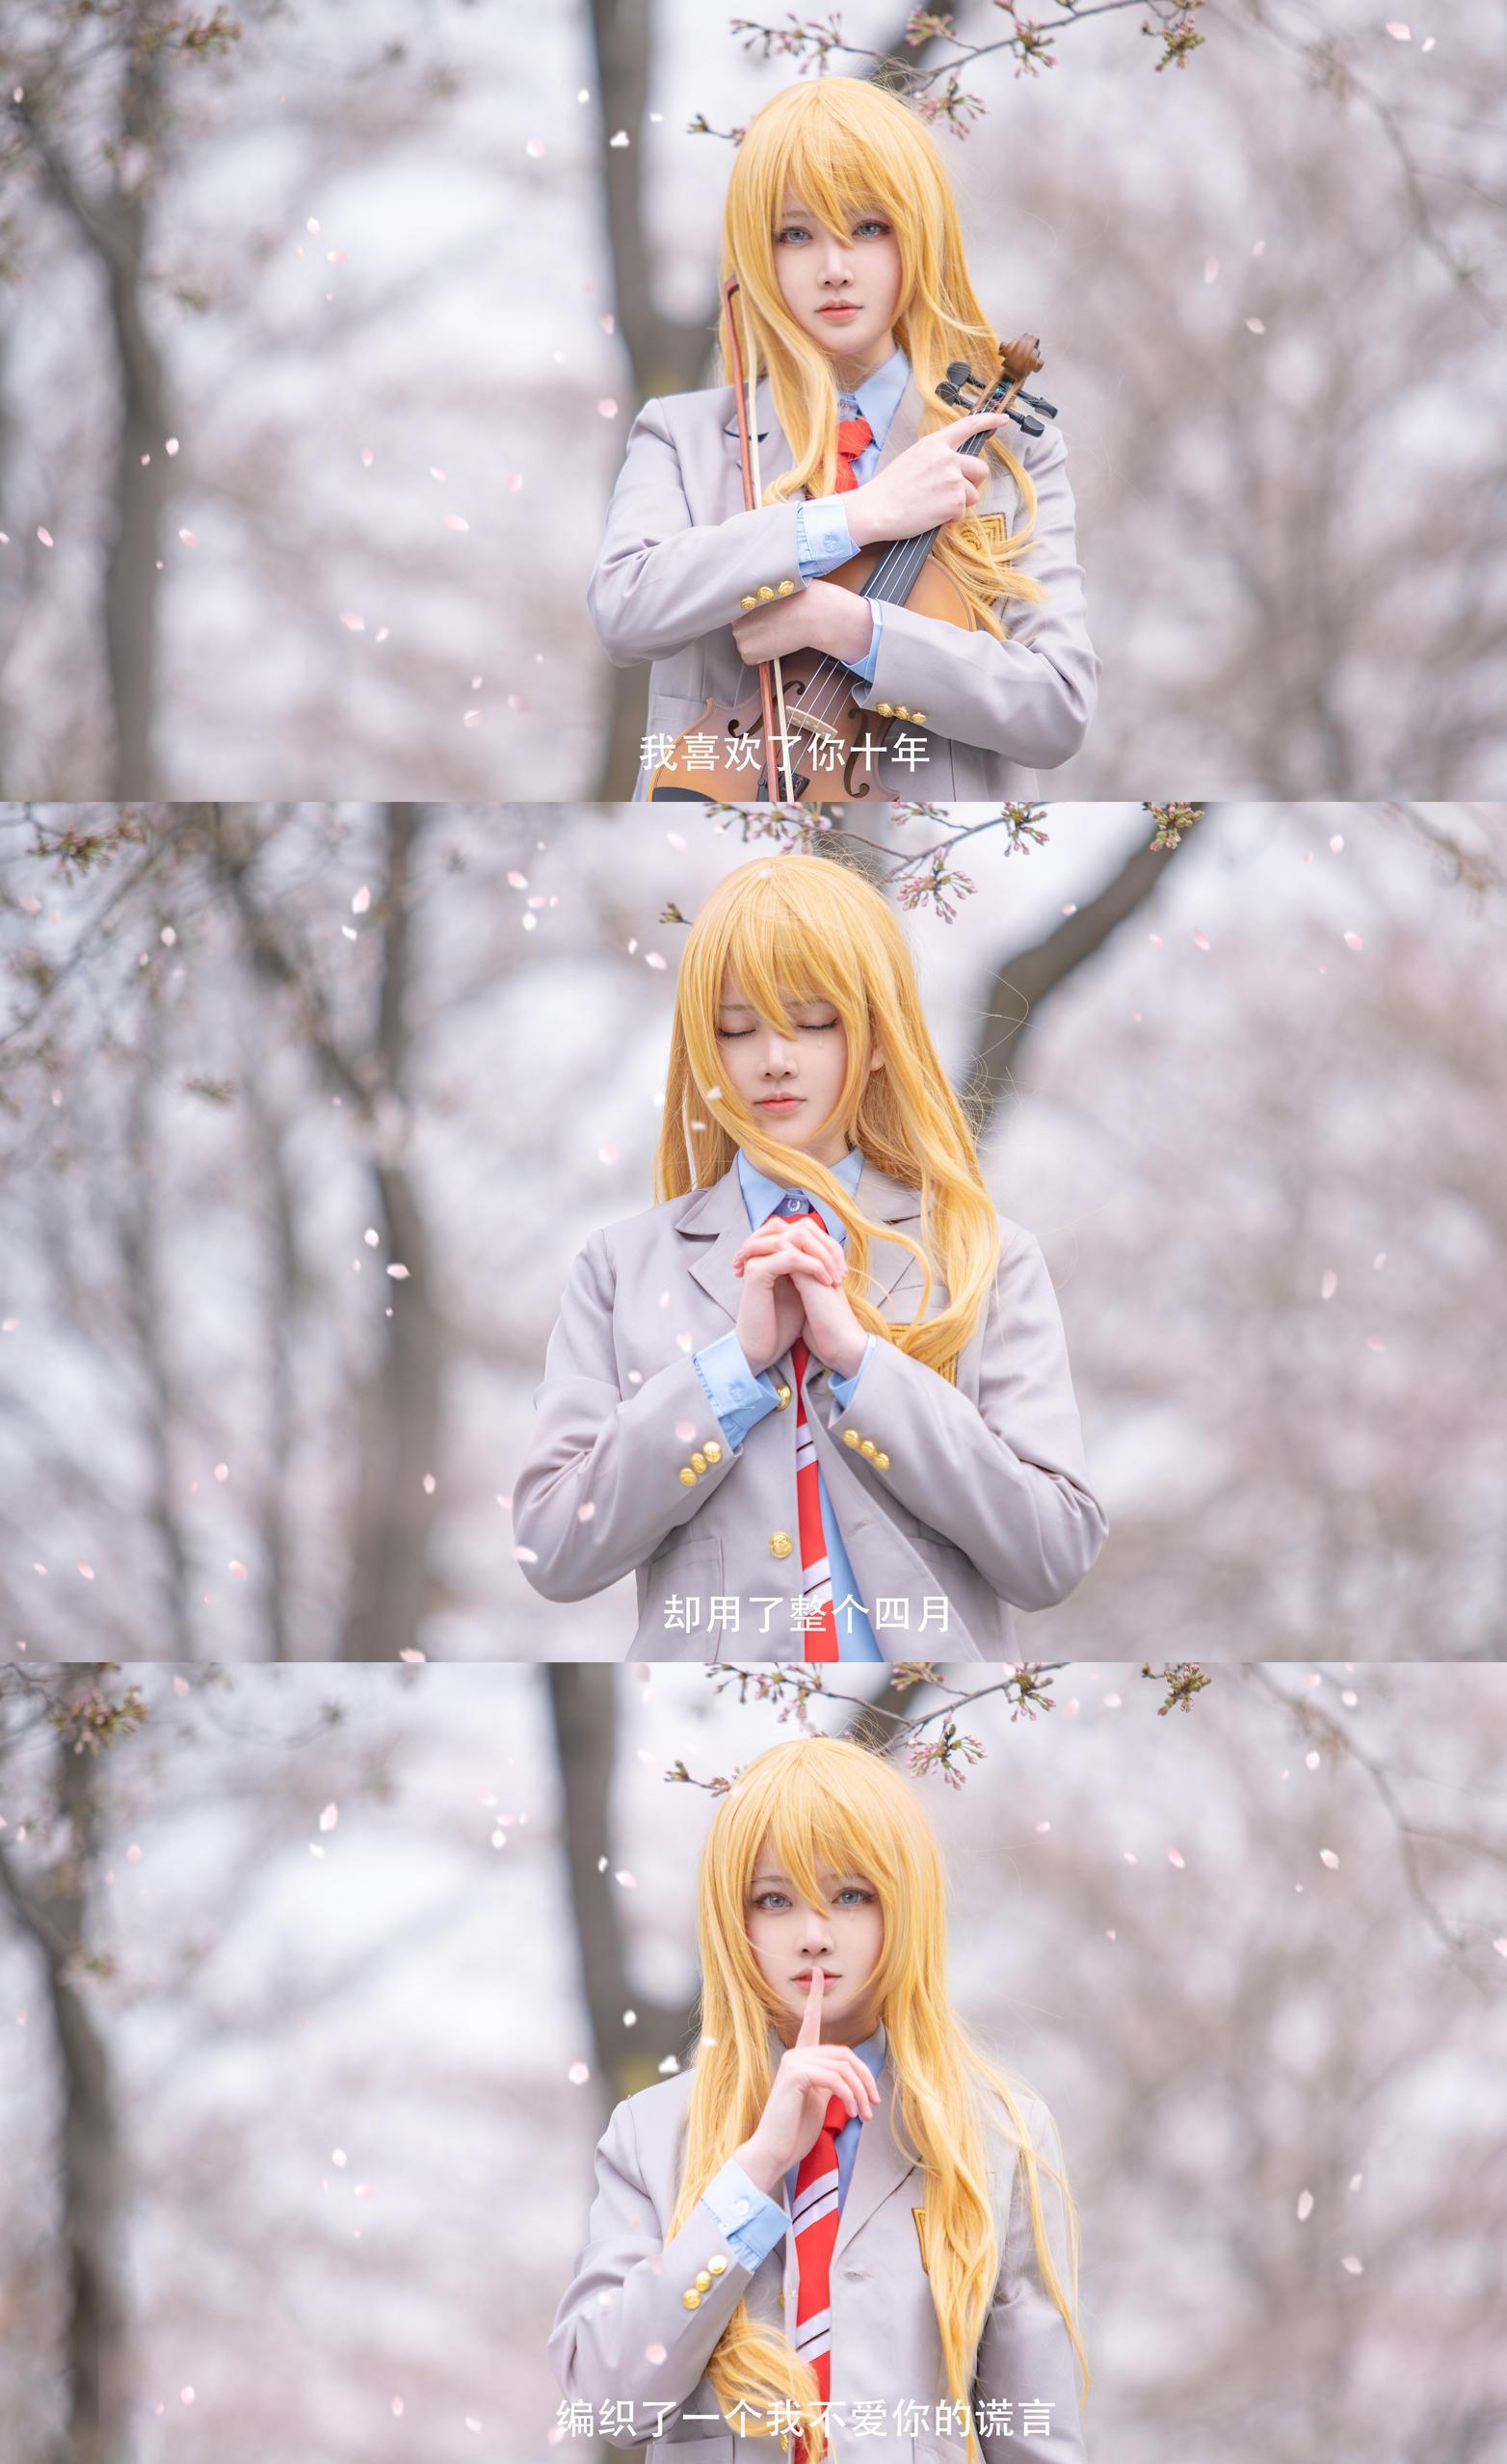 《四月是你的谎言》宫园薰cosplay【CN:逸仔_】-第1张